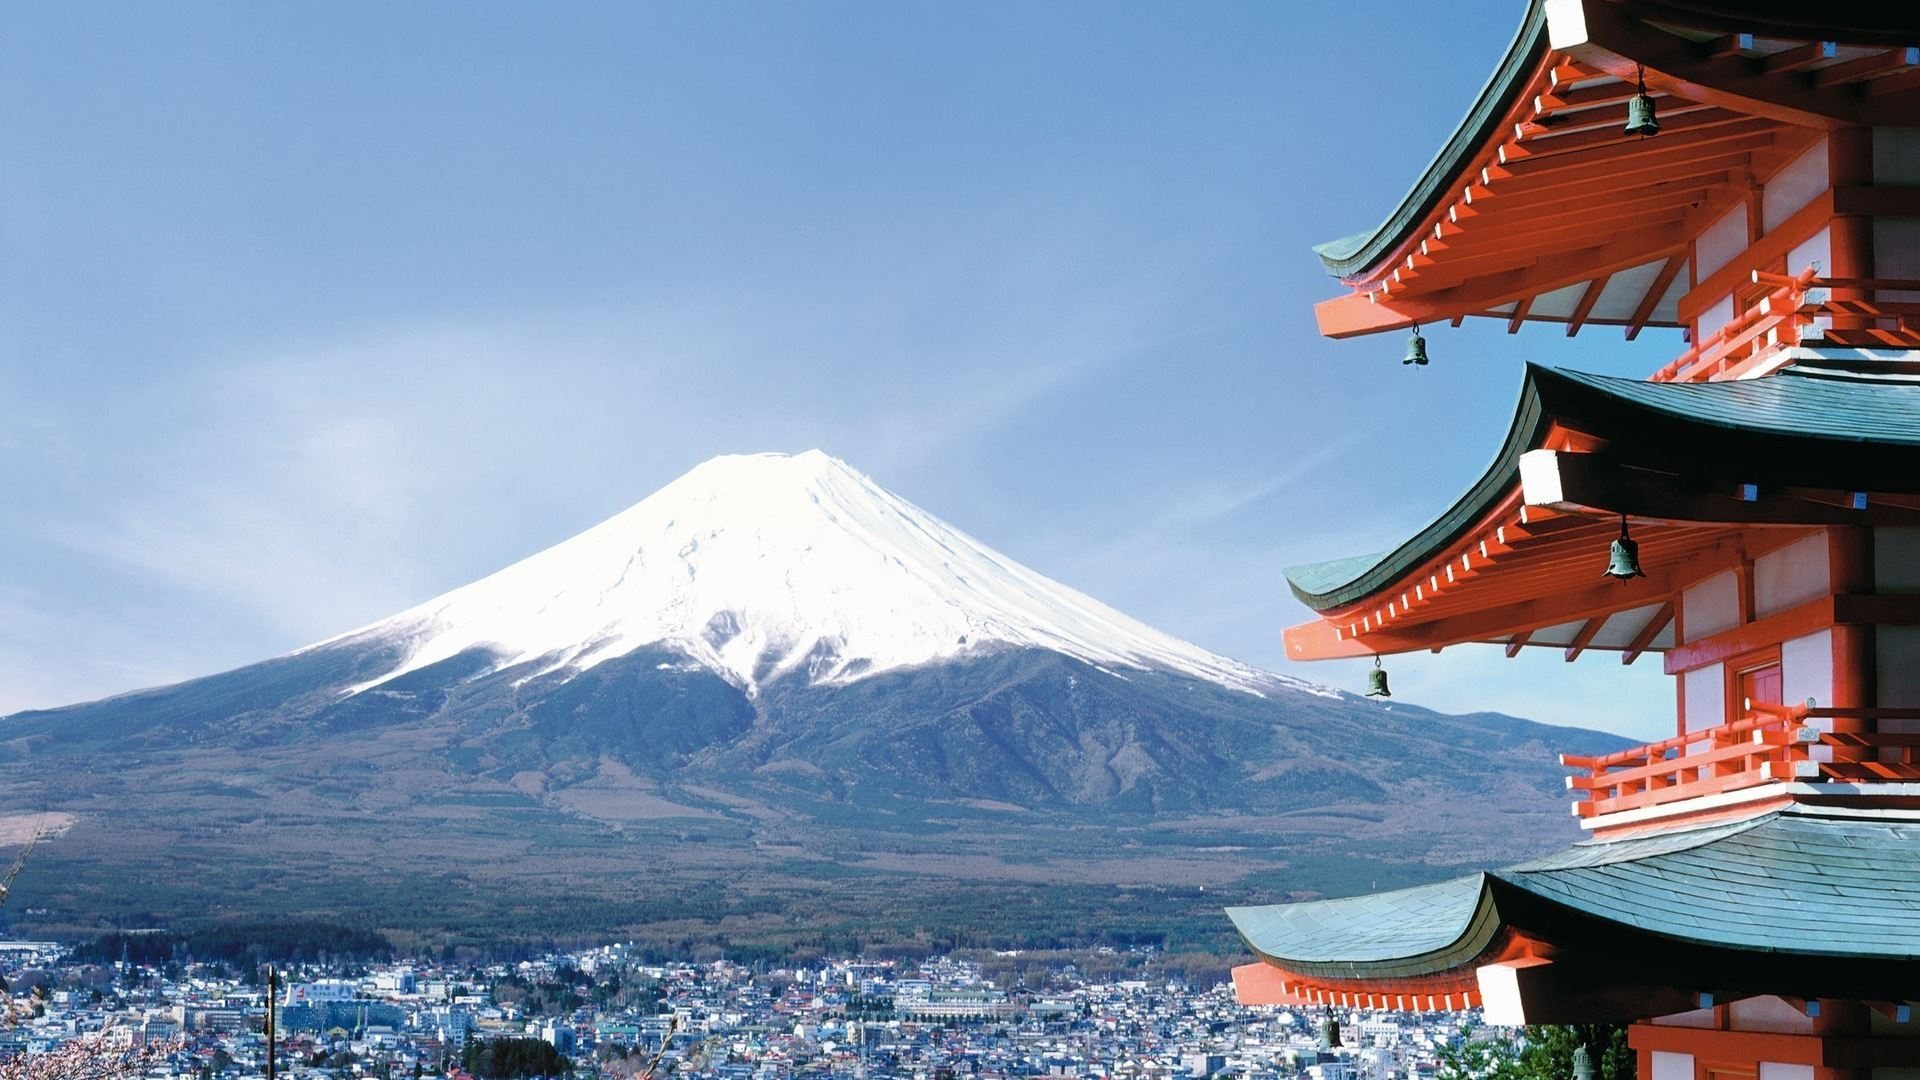 Pic New Posts Mount Fuji Hd Wallpaper